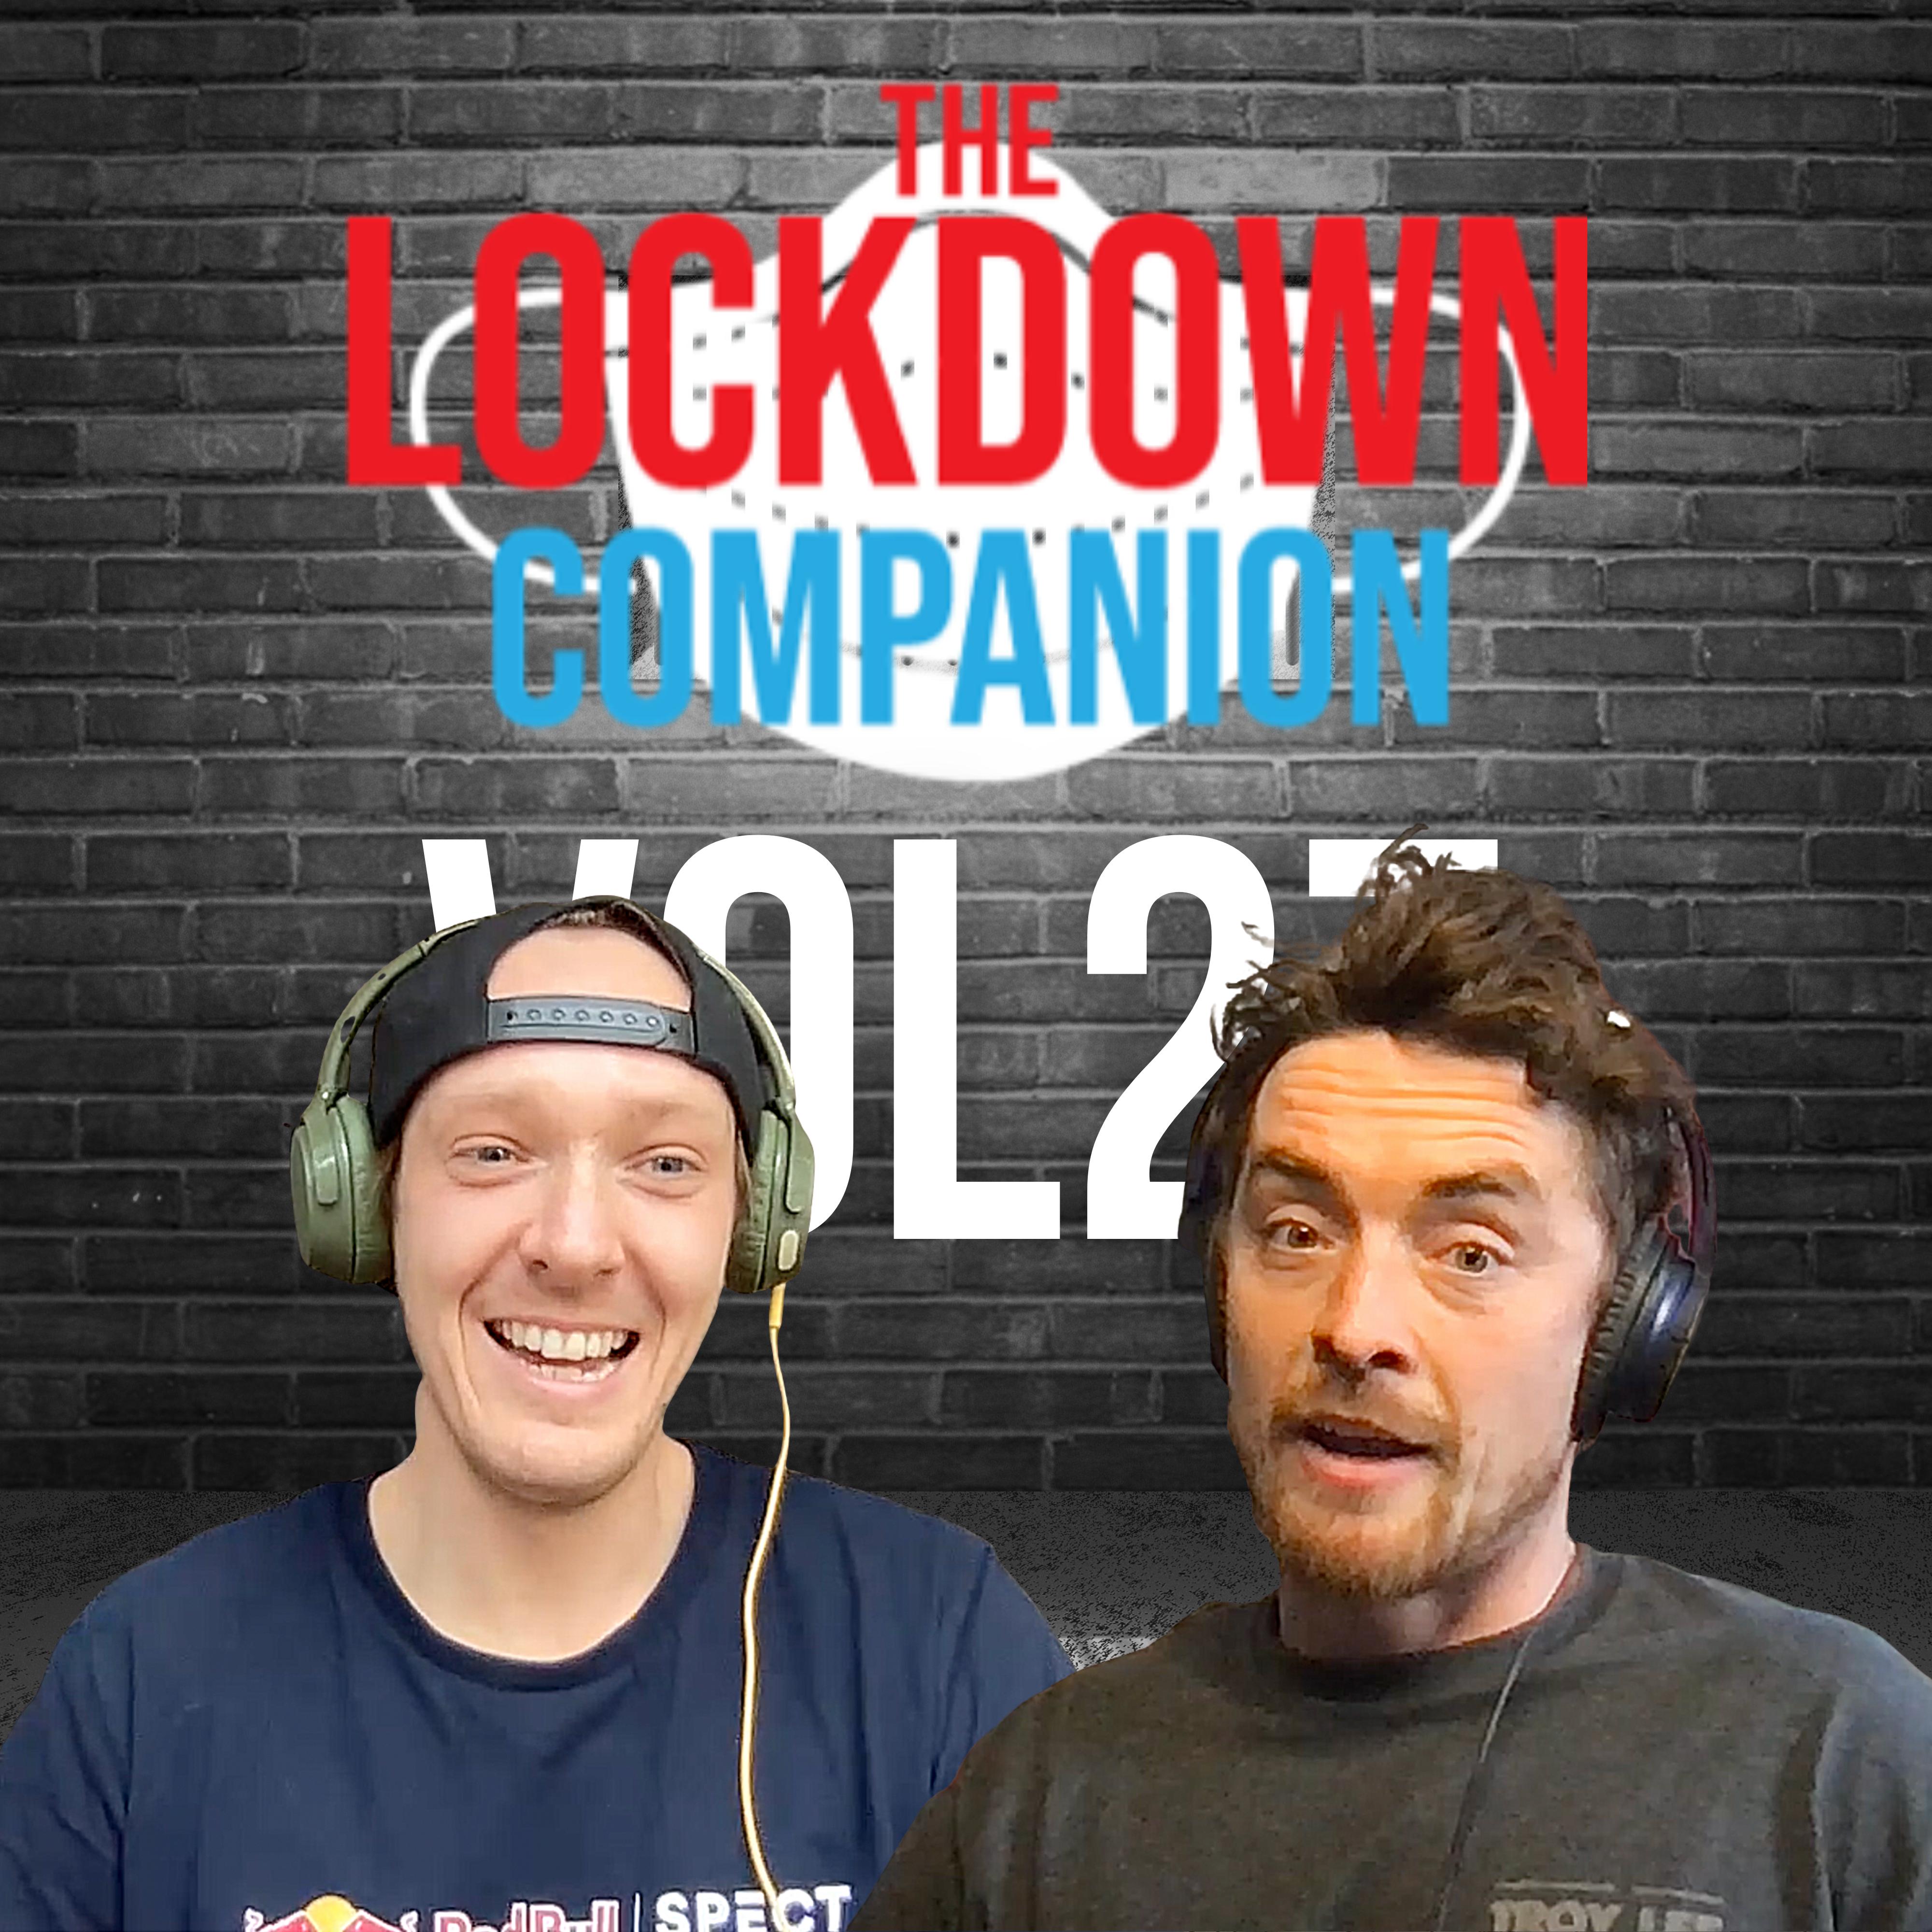 The Lockdown Companion Vol27 🔐